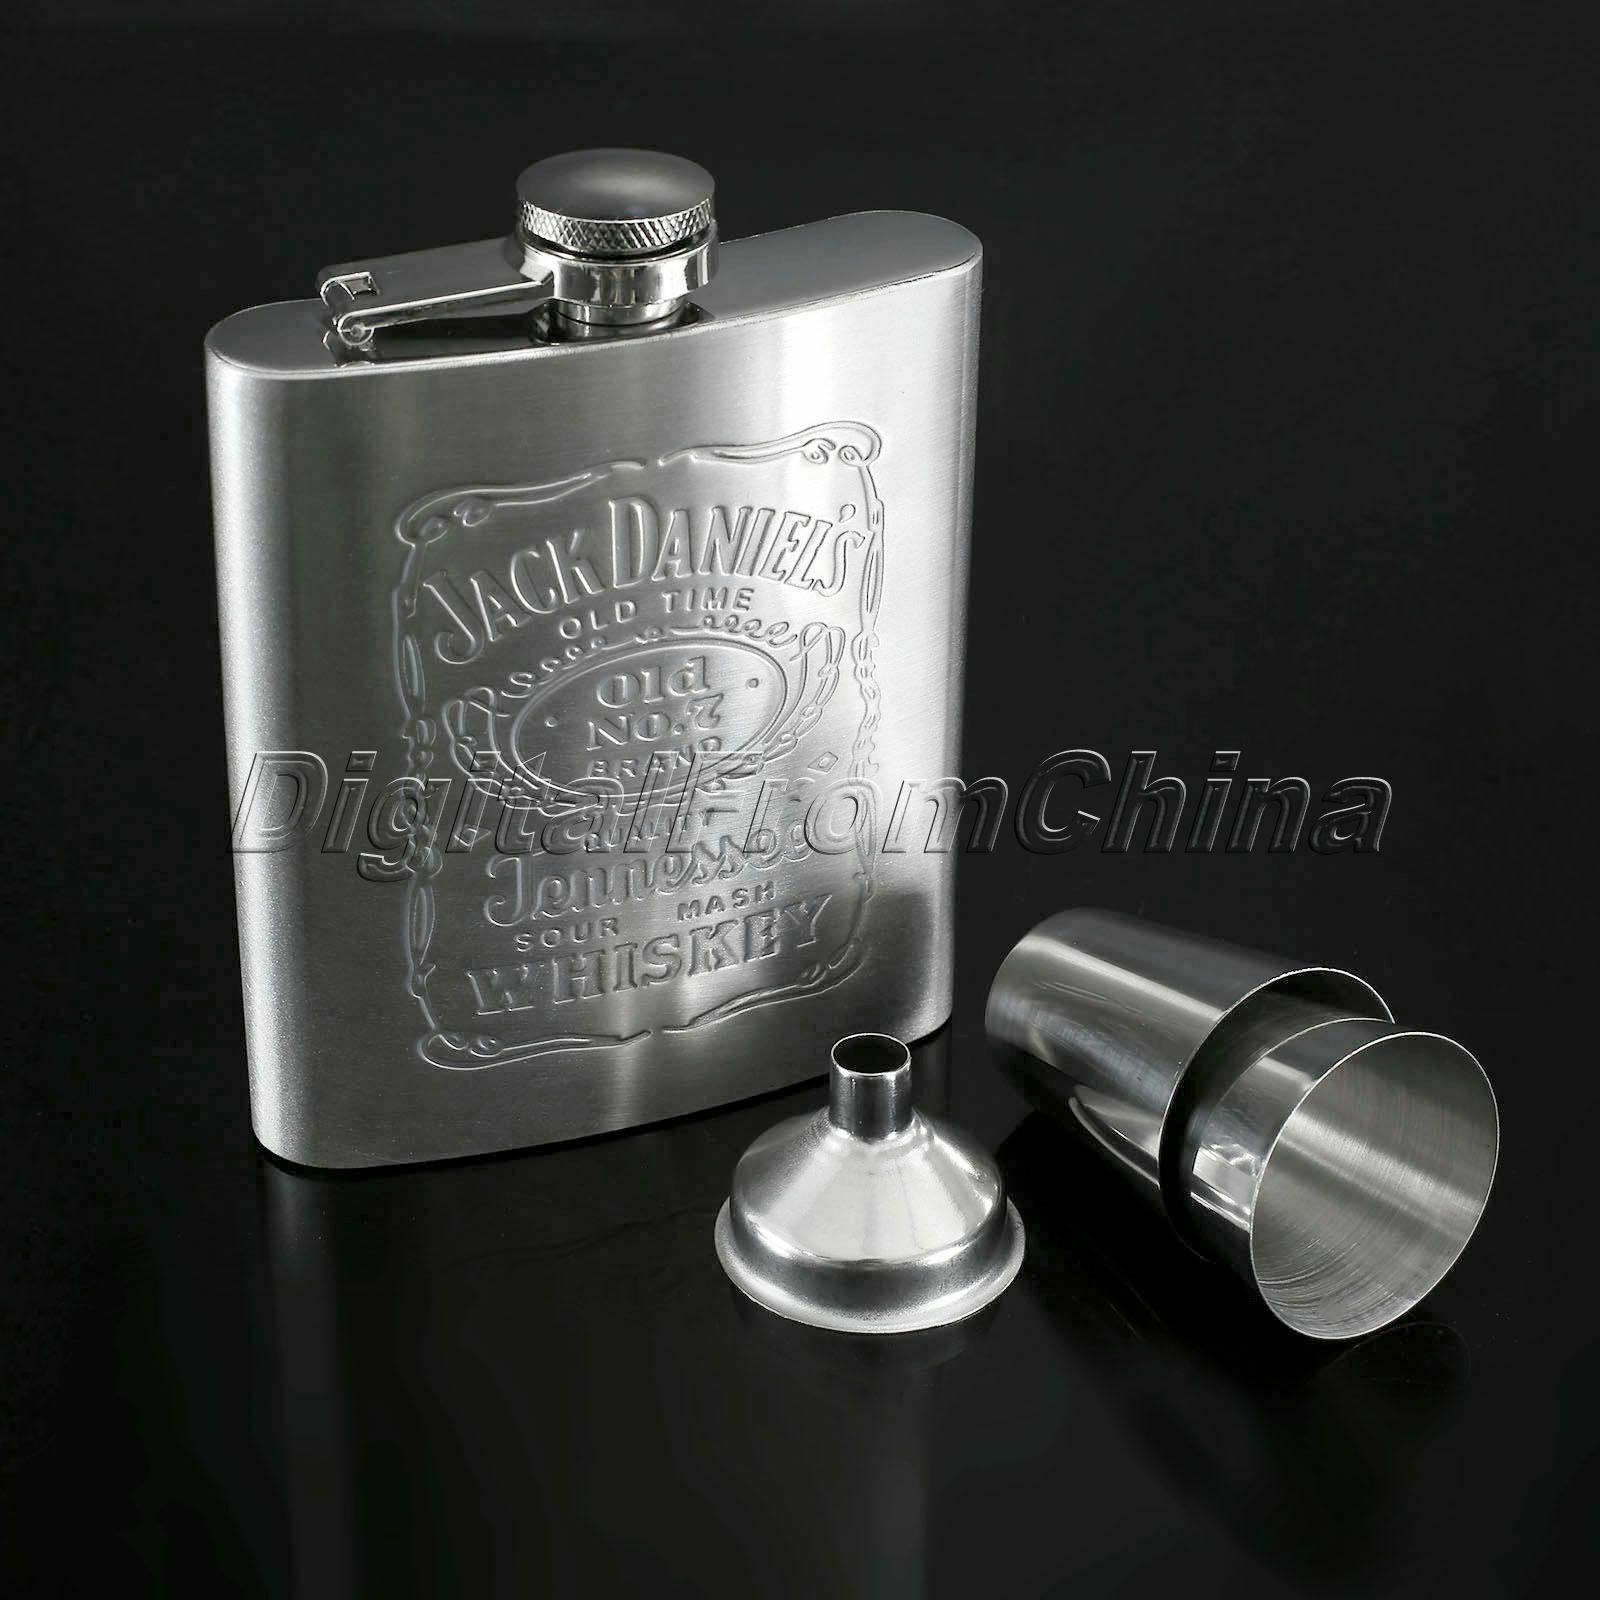 Stainless Steel Liquor Hip Flask 7oz Whiskey Alcohol Wine Flagon Bottle Men Gift